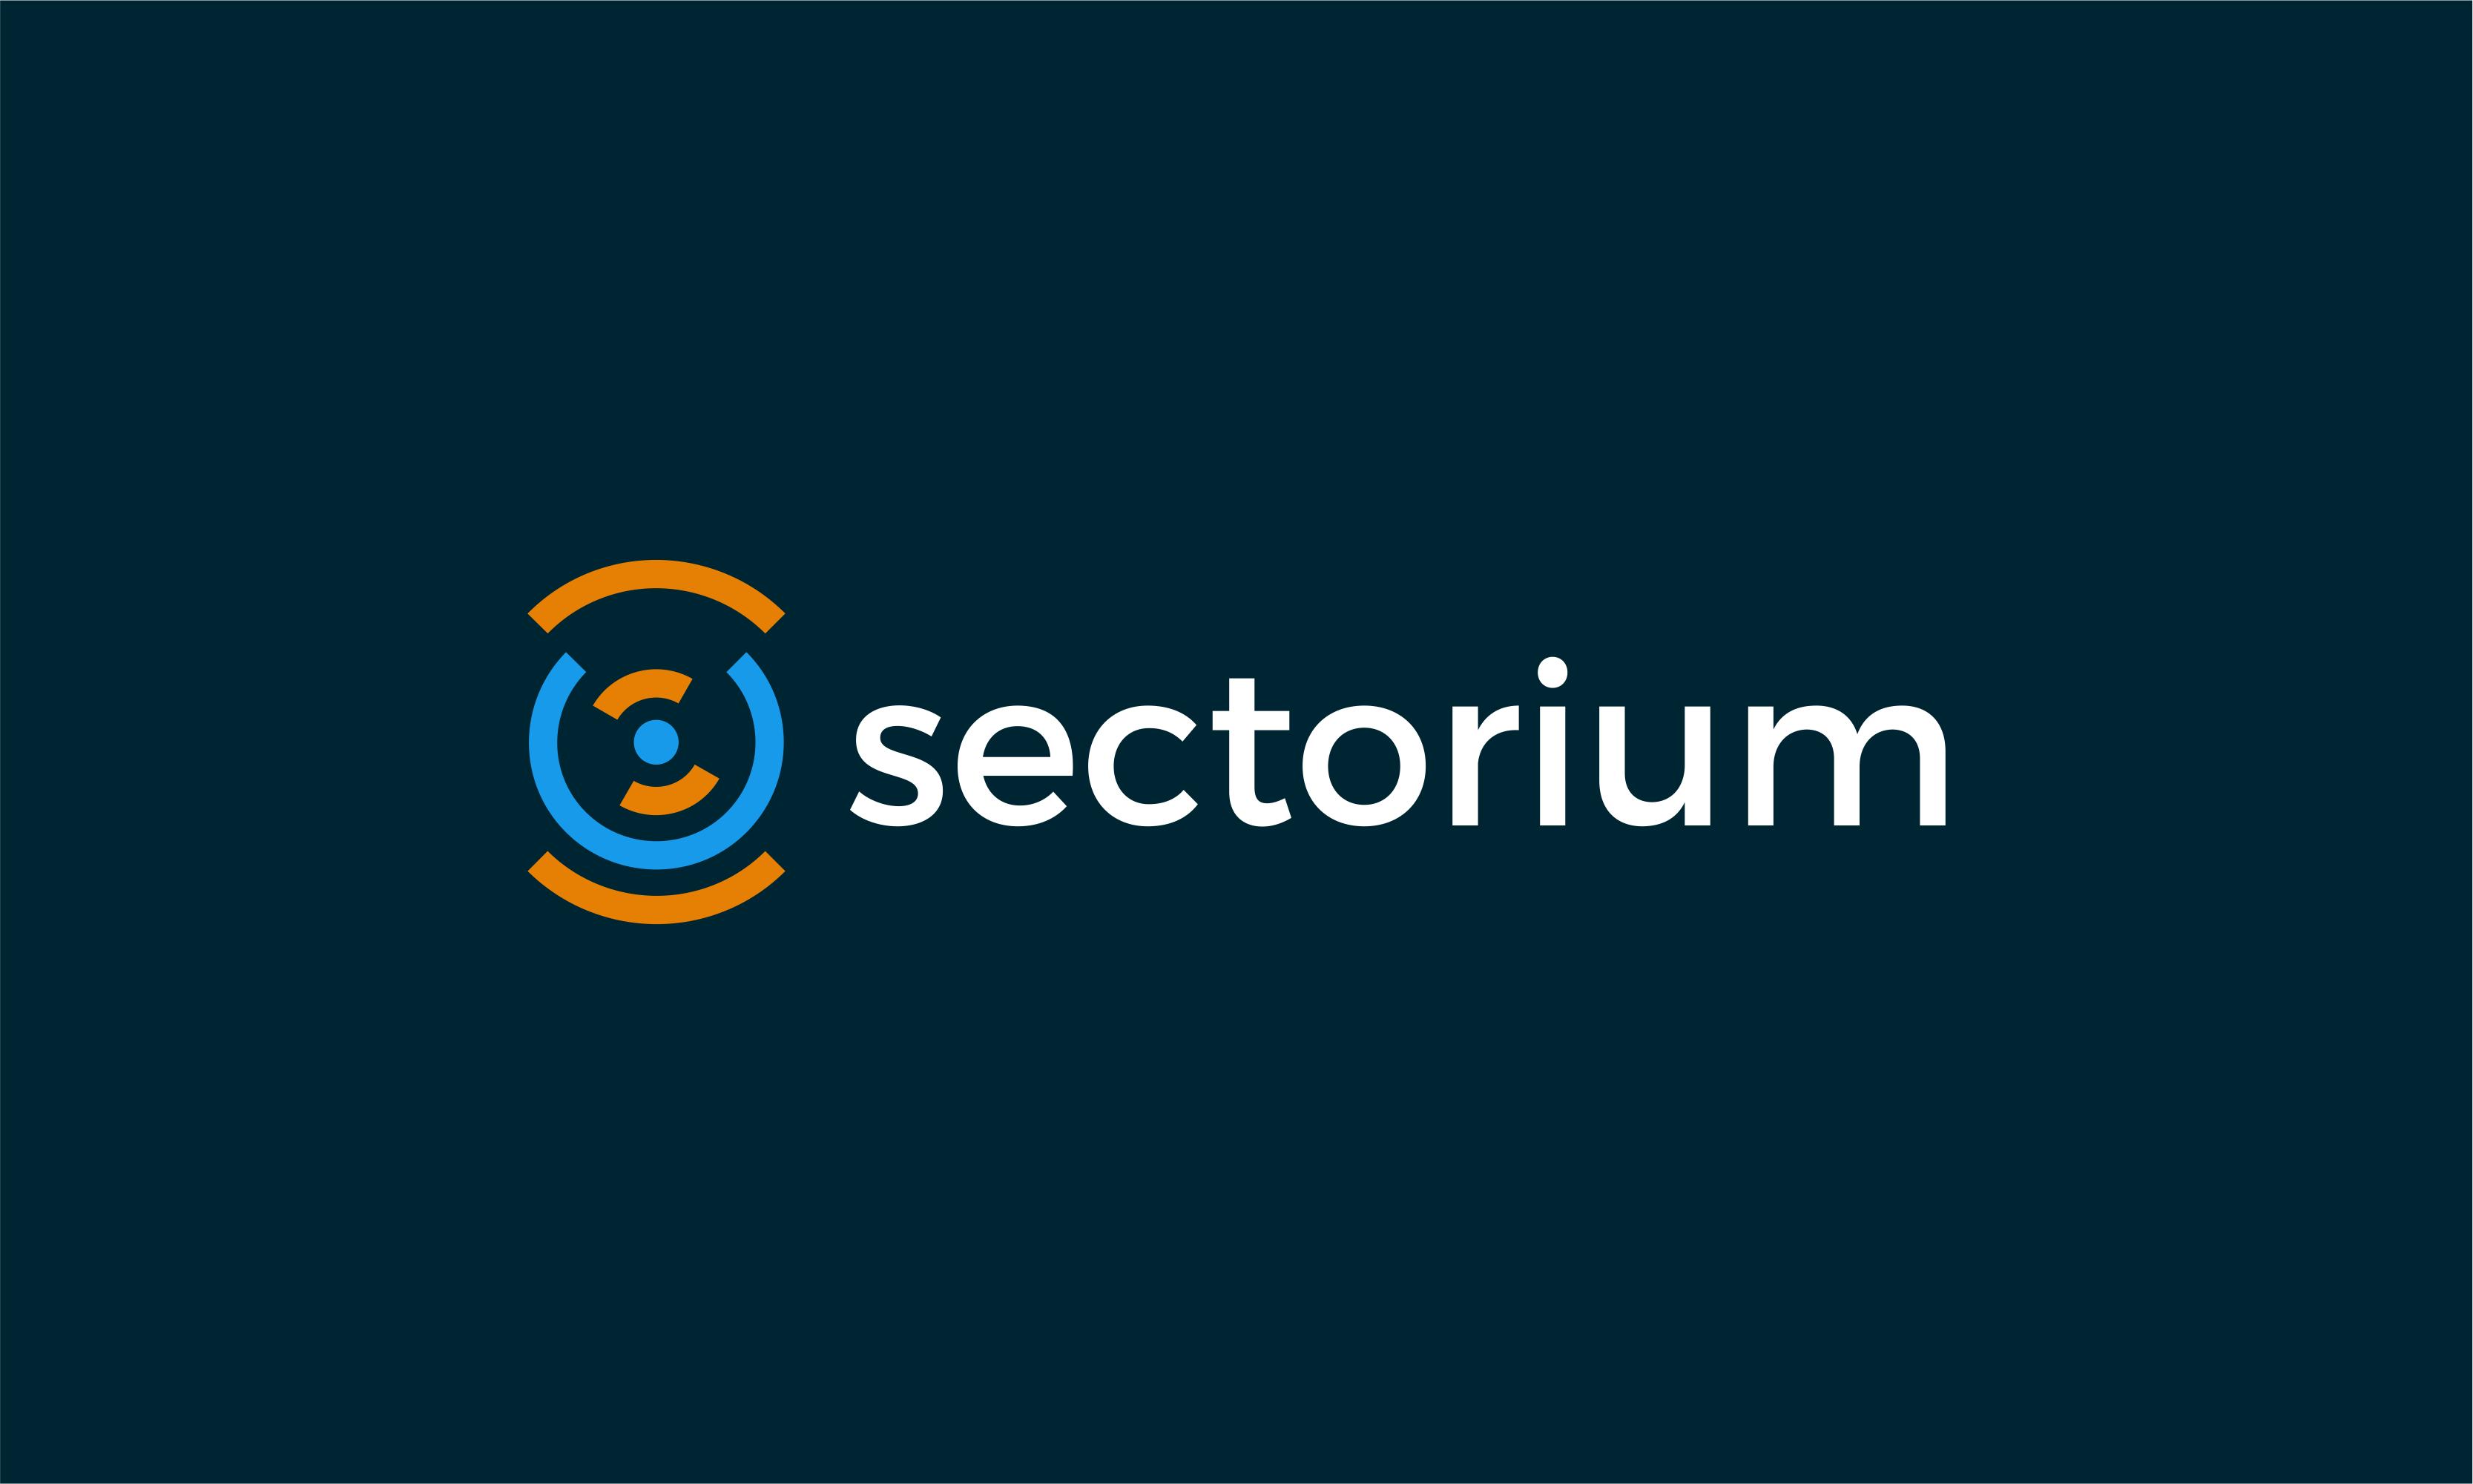 Sectorium